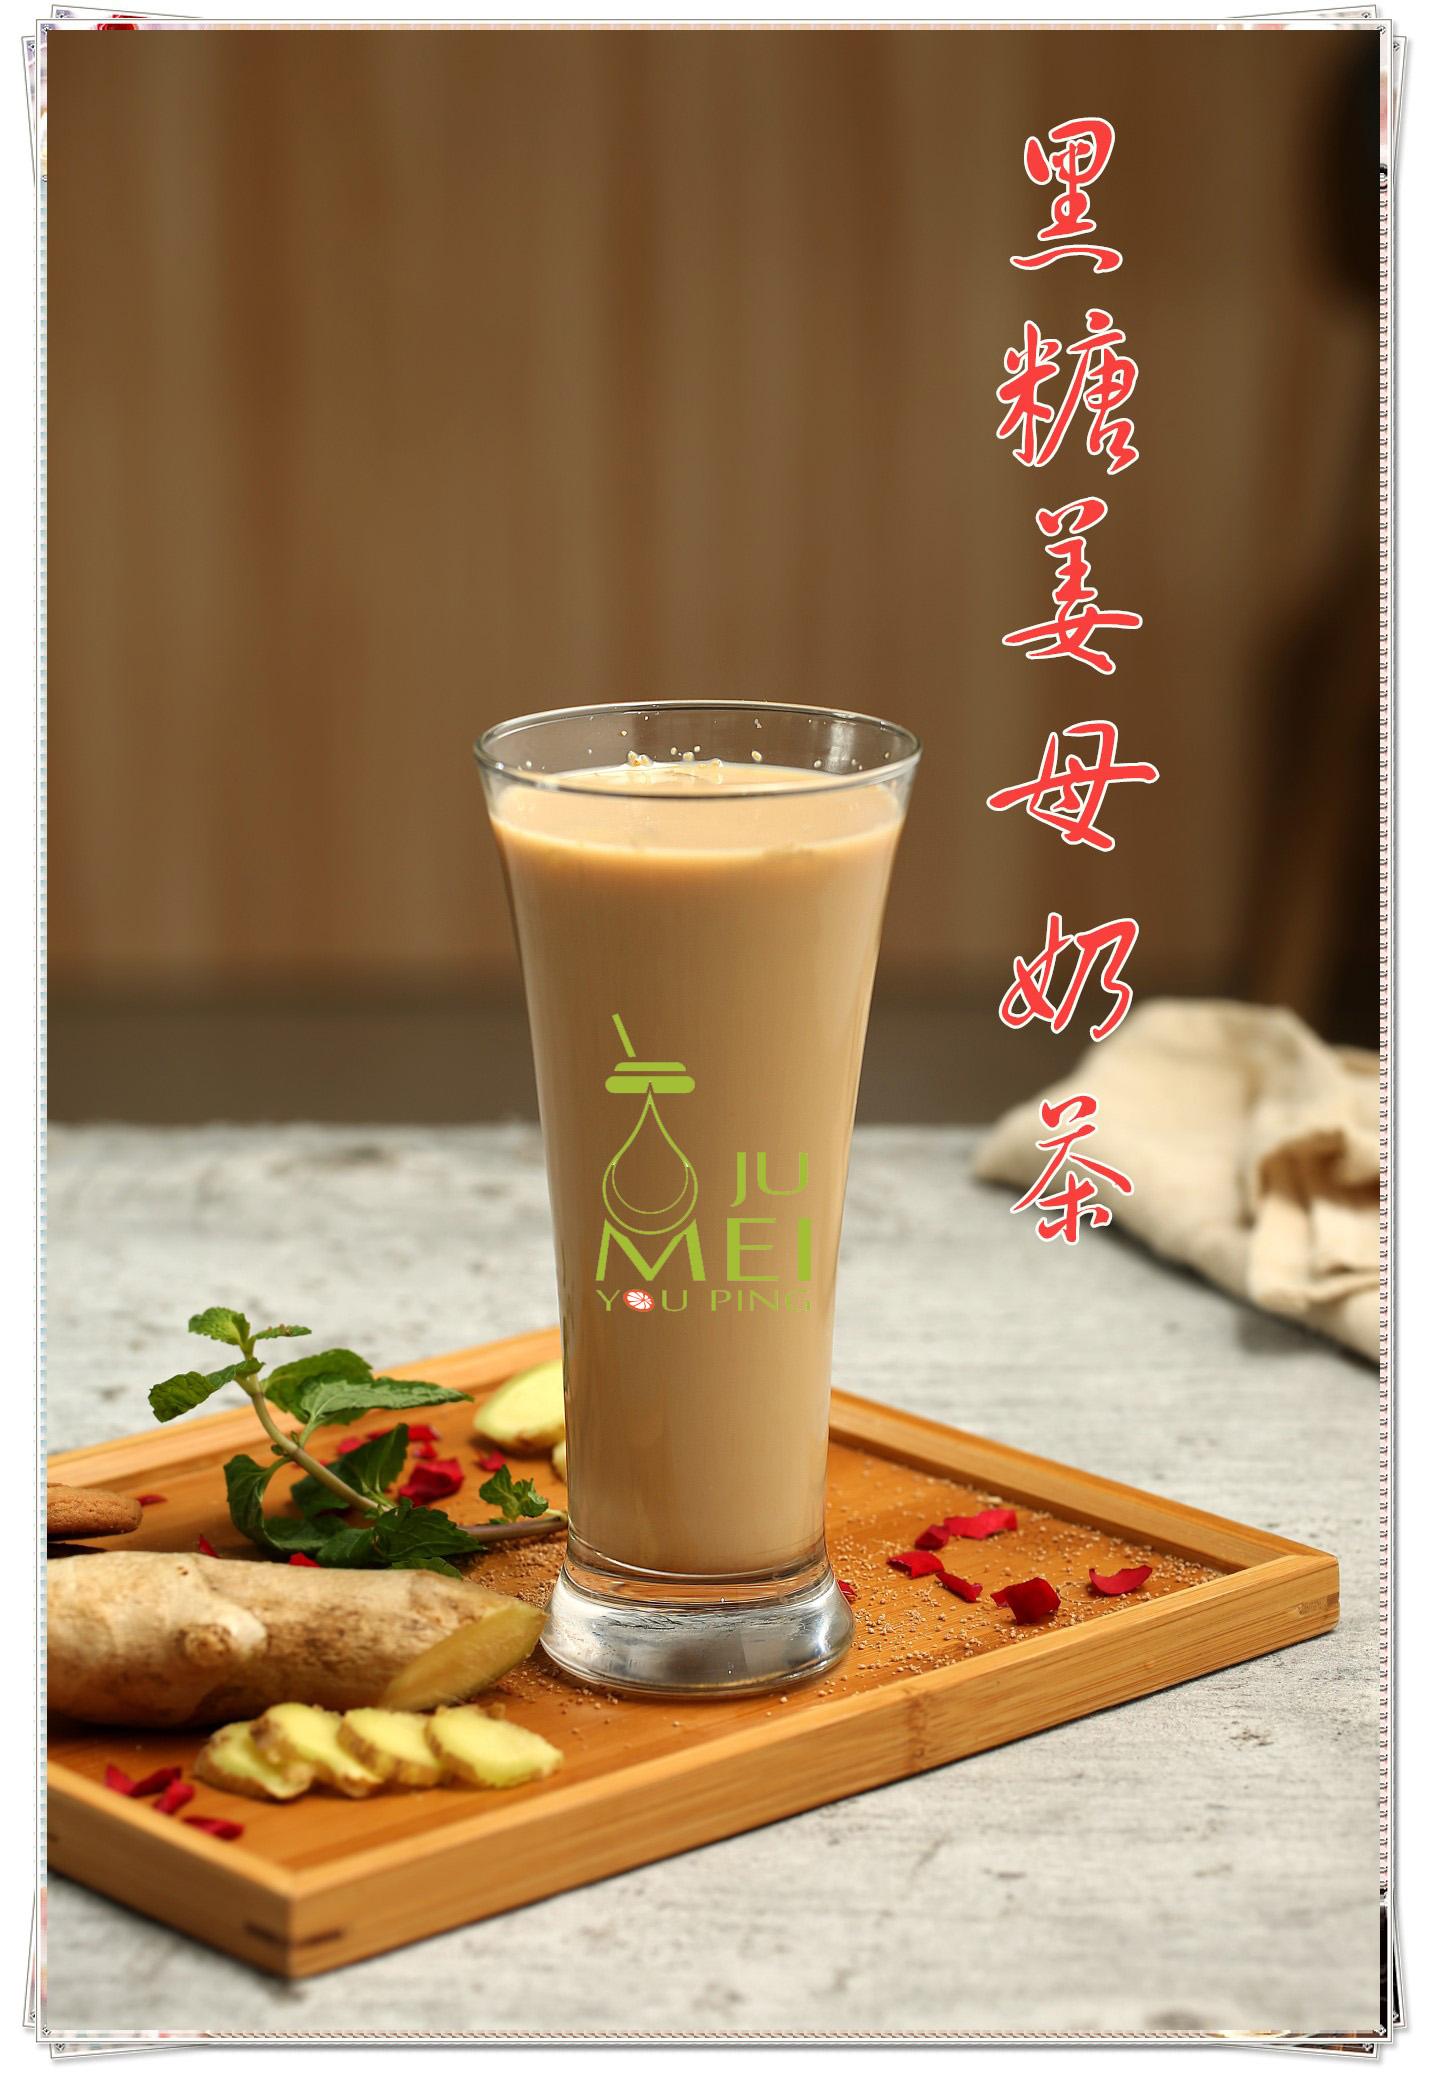 桔莓柚苹果茶品牌创业方案最受欢迎茶饮品牌